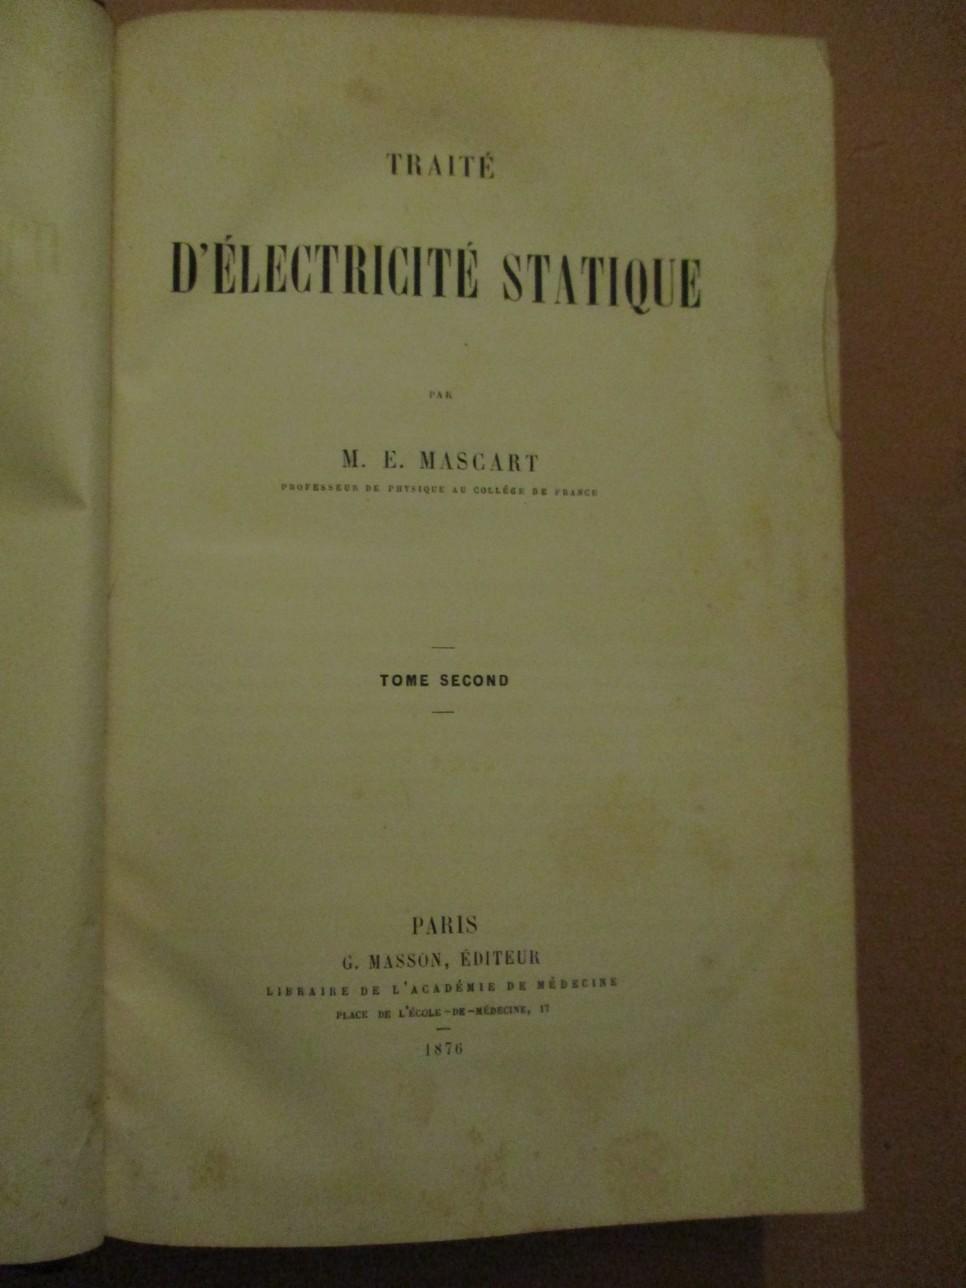 Traite DElectrique Statique volume 2 1876